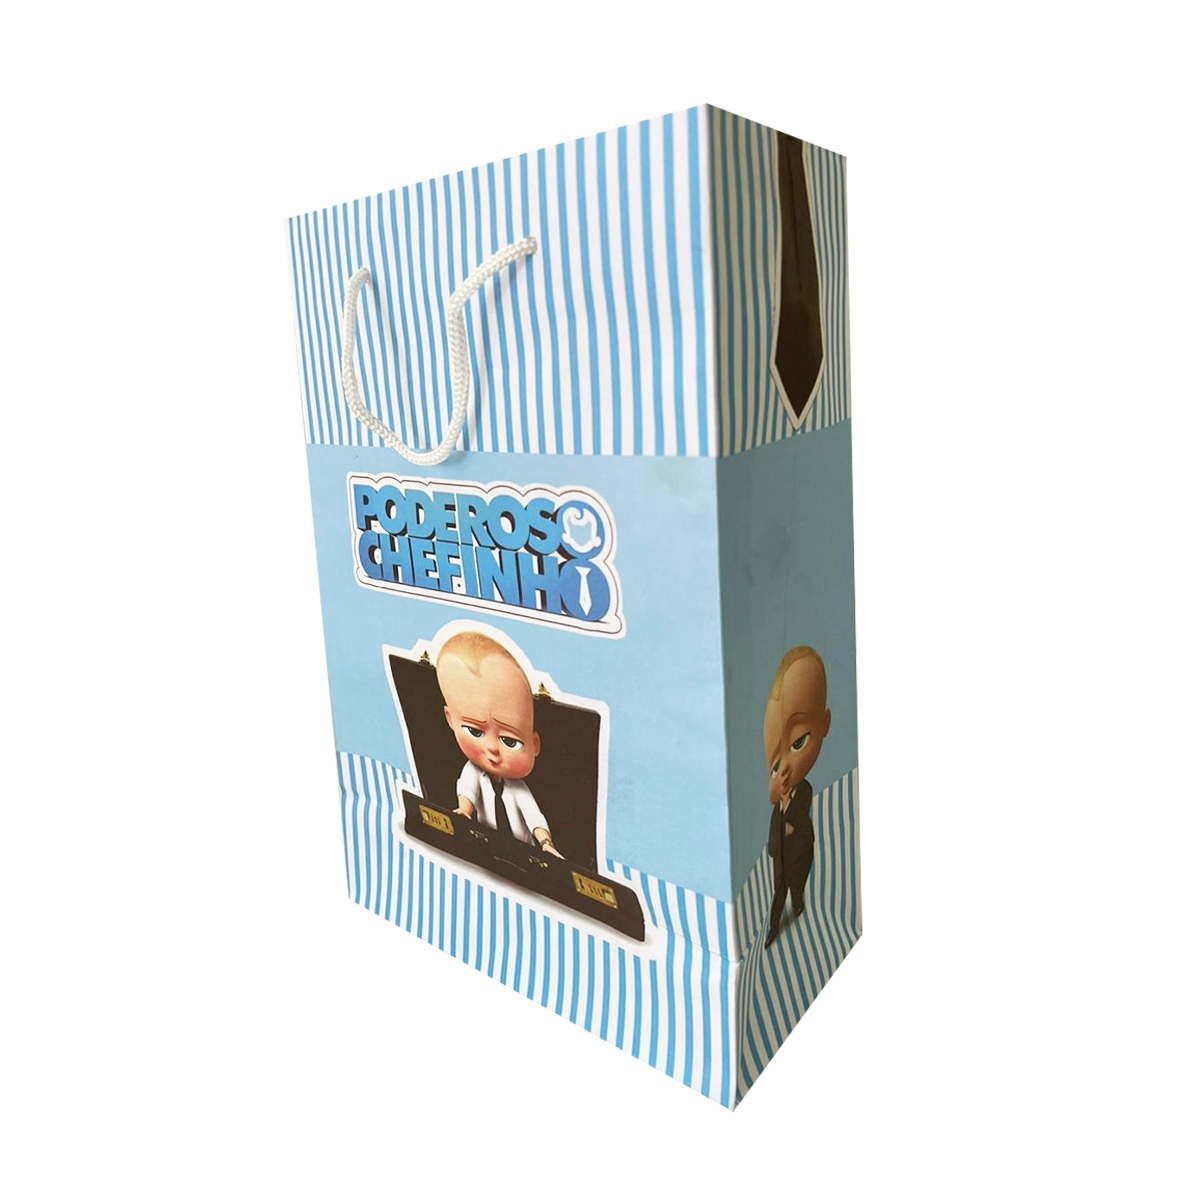 Bolsa de papel poderoso chefinho 10 unidades